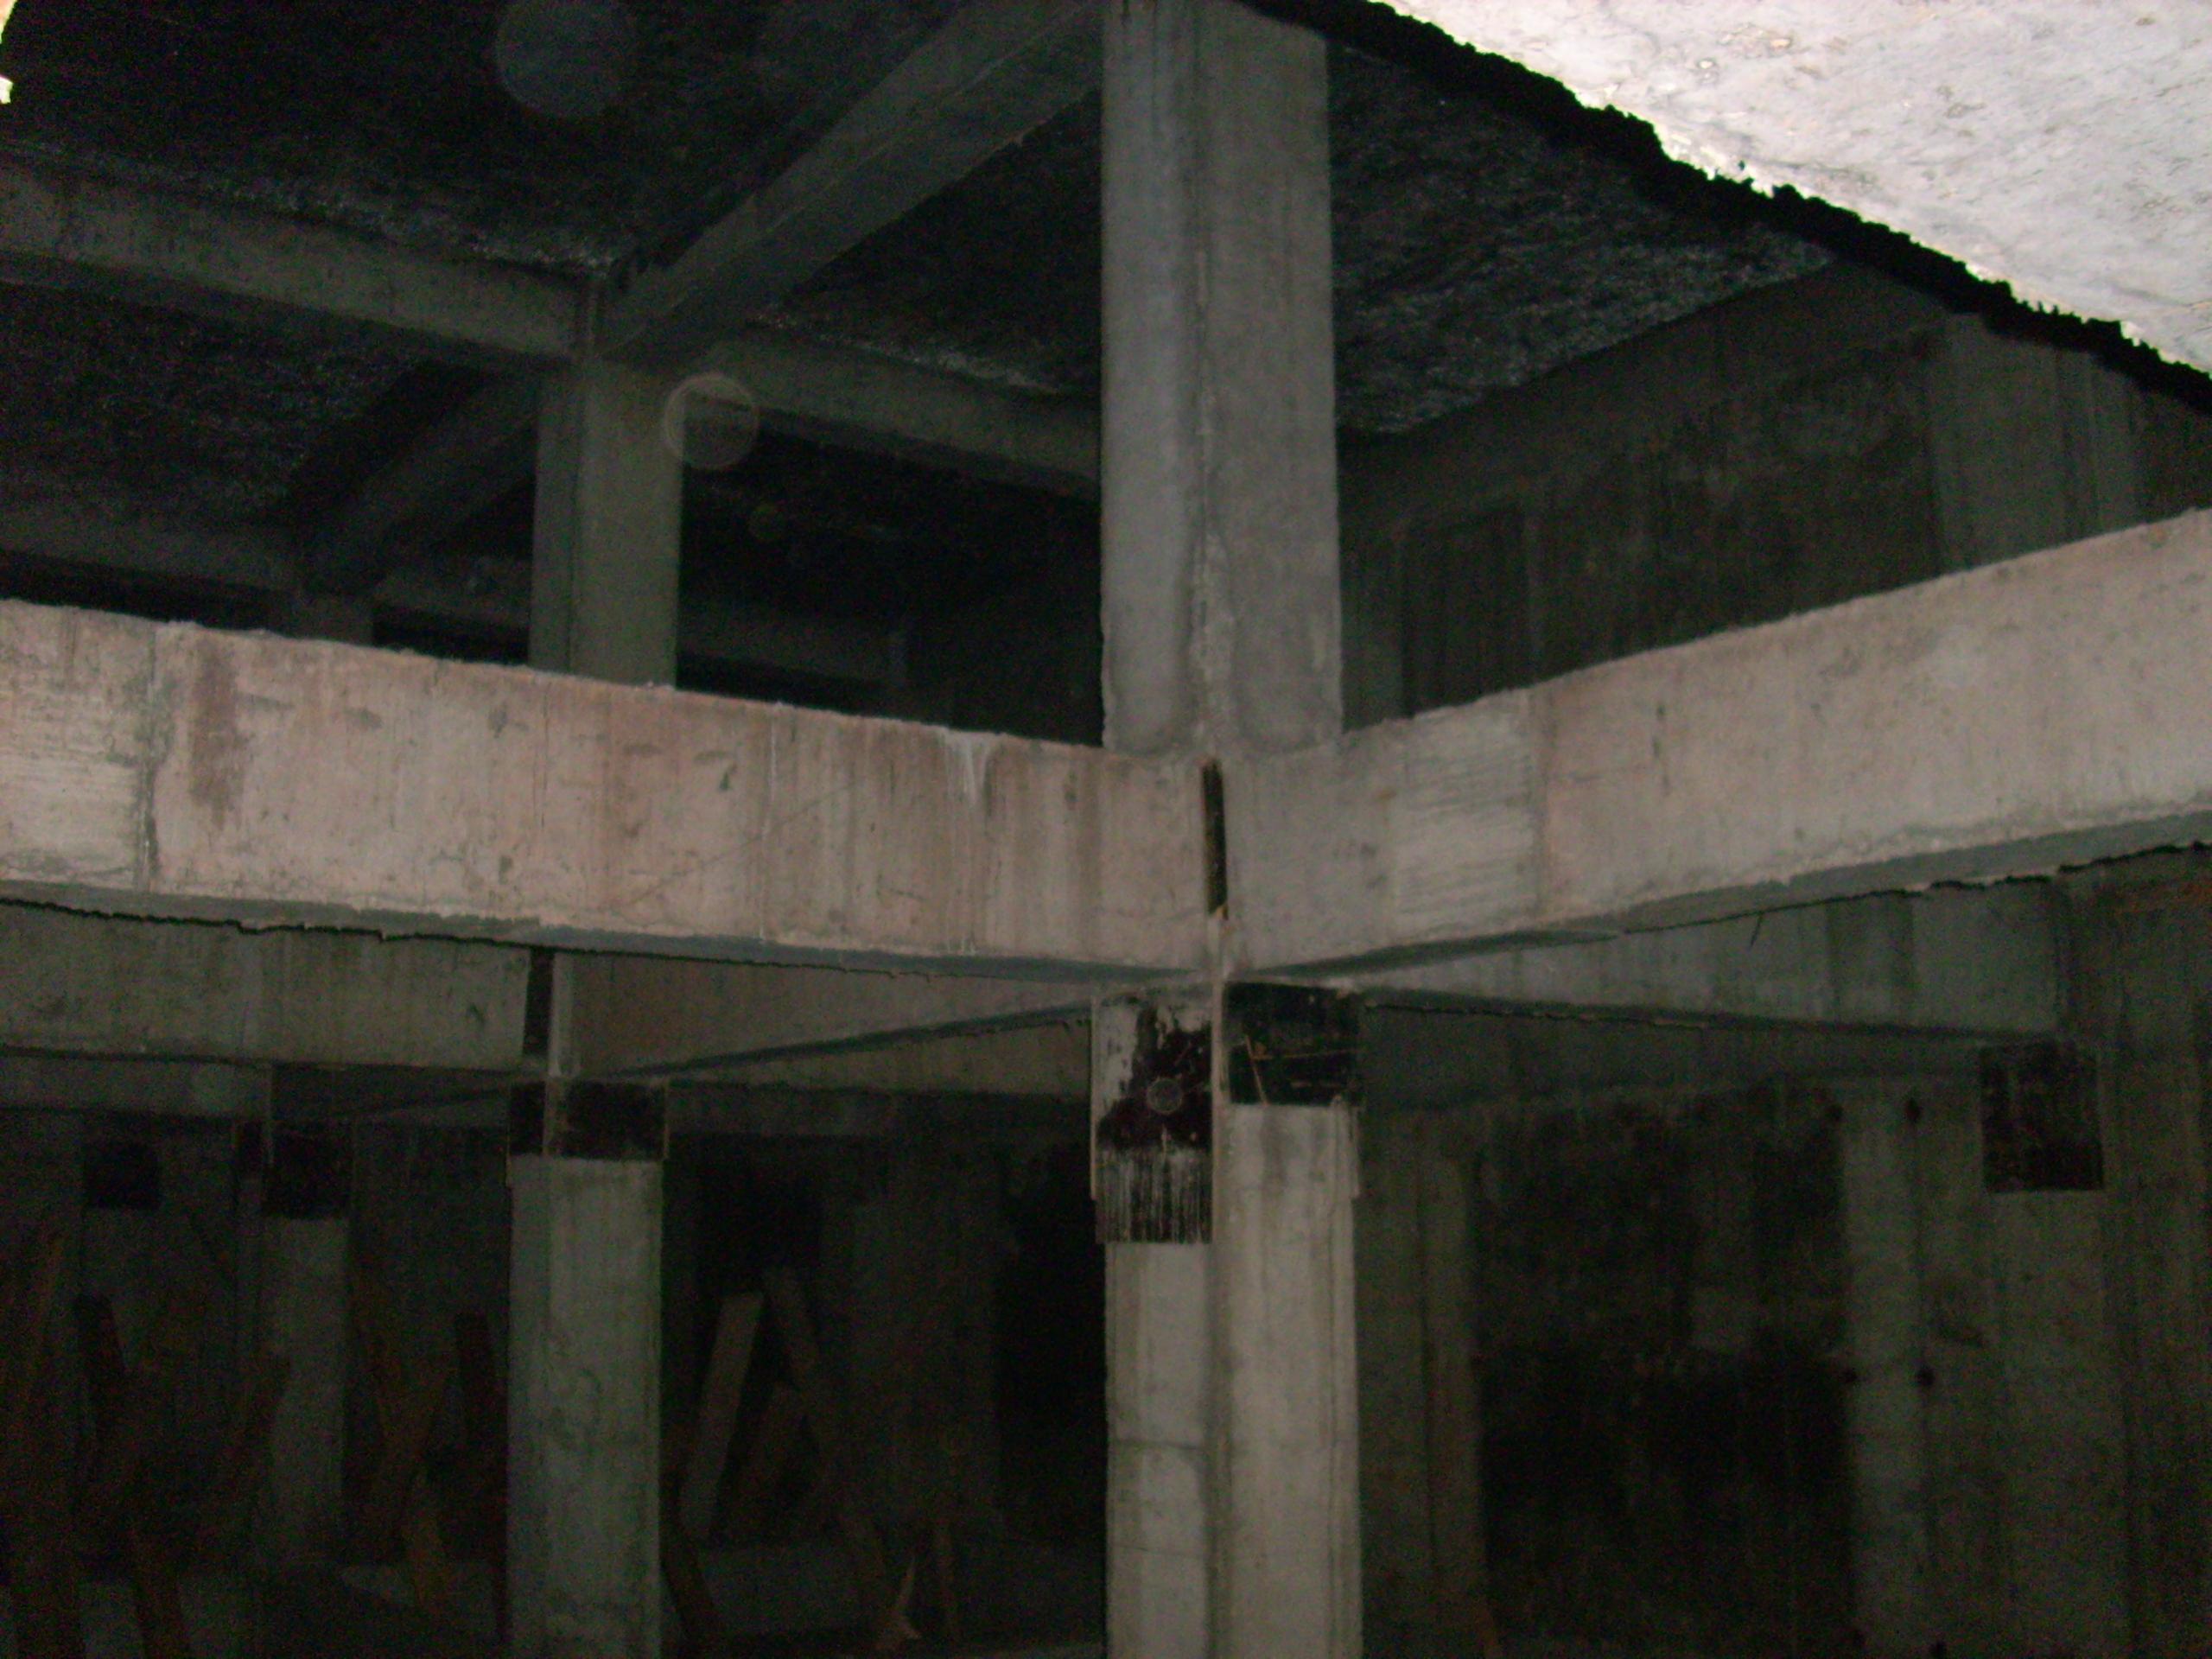 Etansare gauri tiranti - PRO HOTELS - Bazin apa - Complexul City Confort UNICO PROFIT - Poza 3